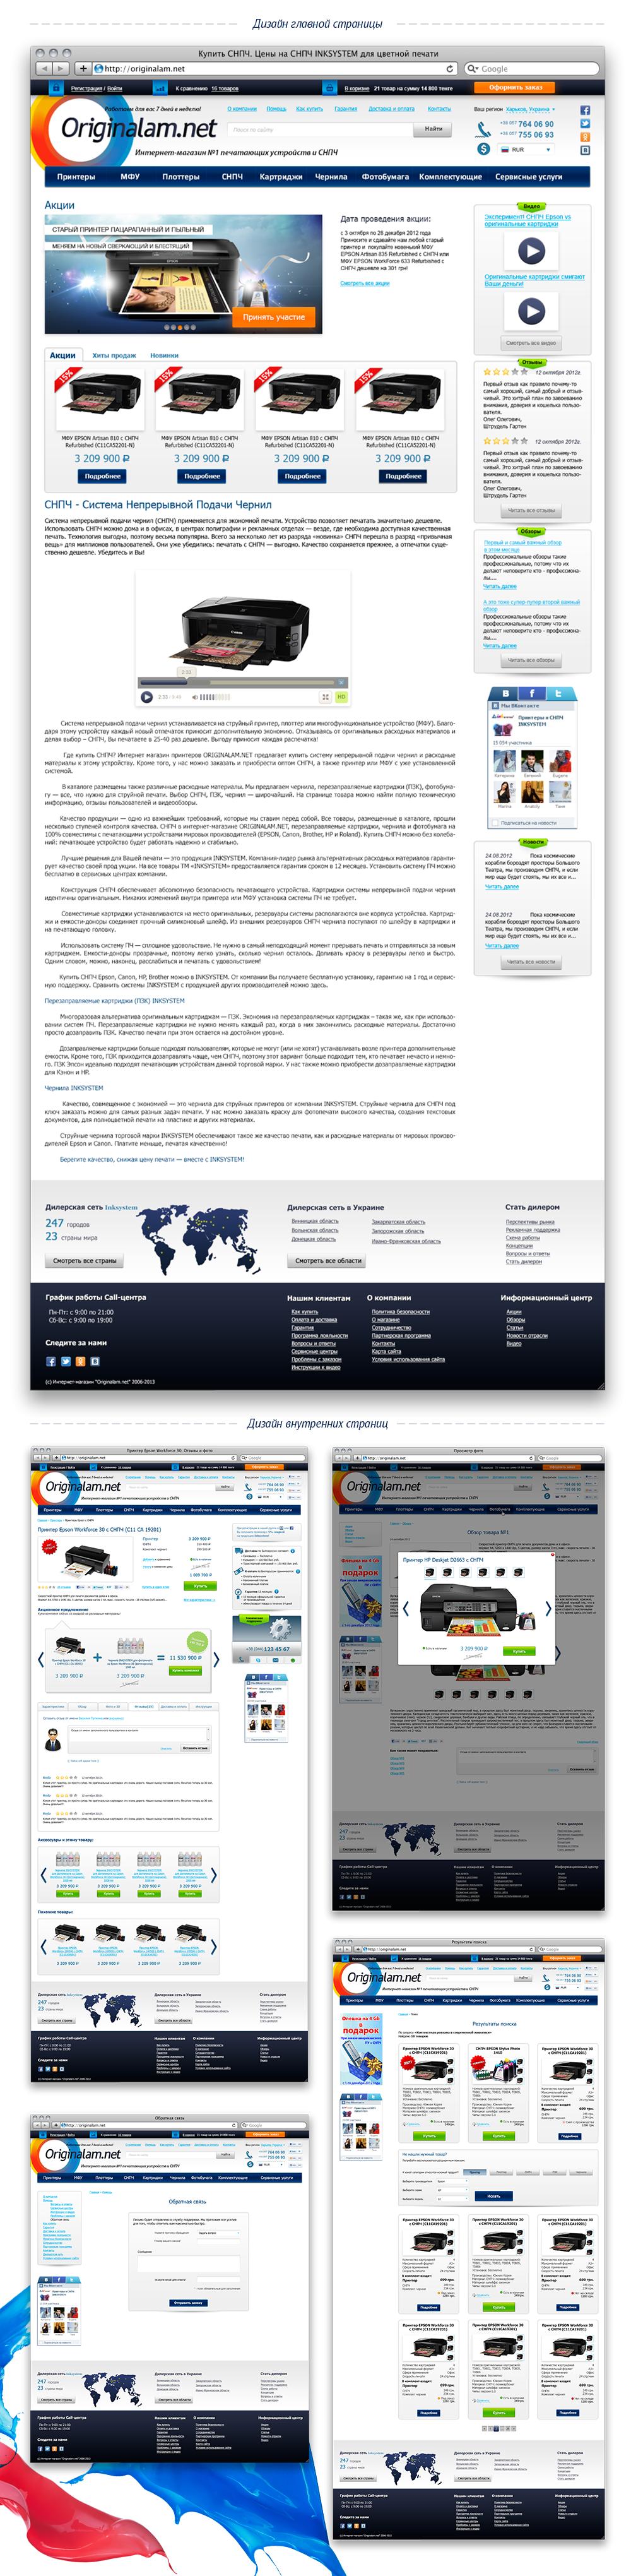 Дизайн интернет-магазина принетров и СНПЧ Originalam.net